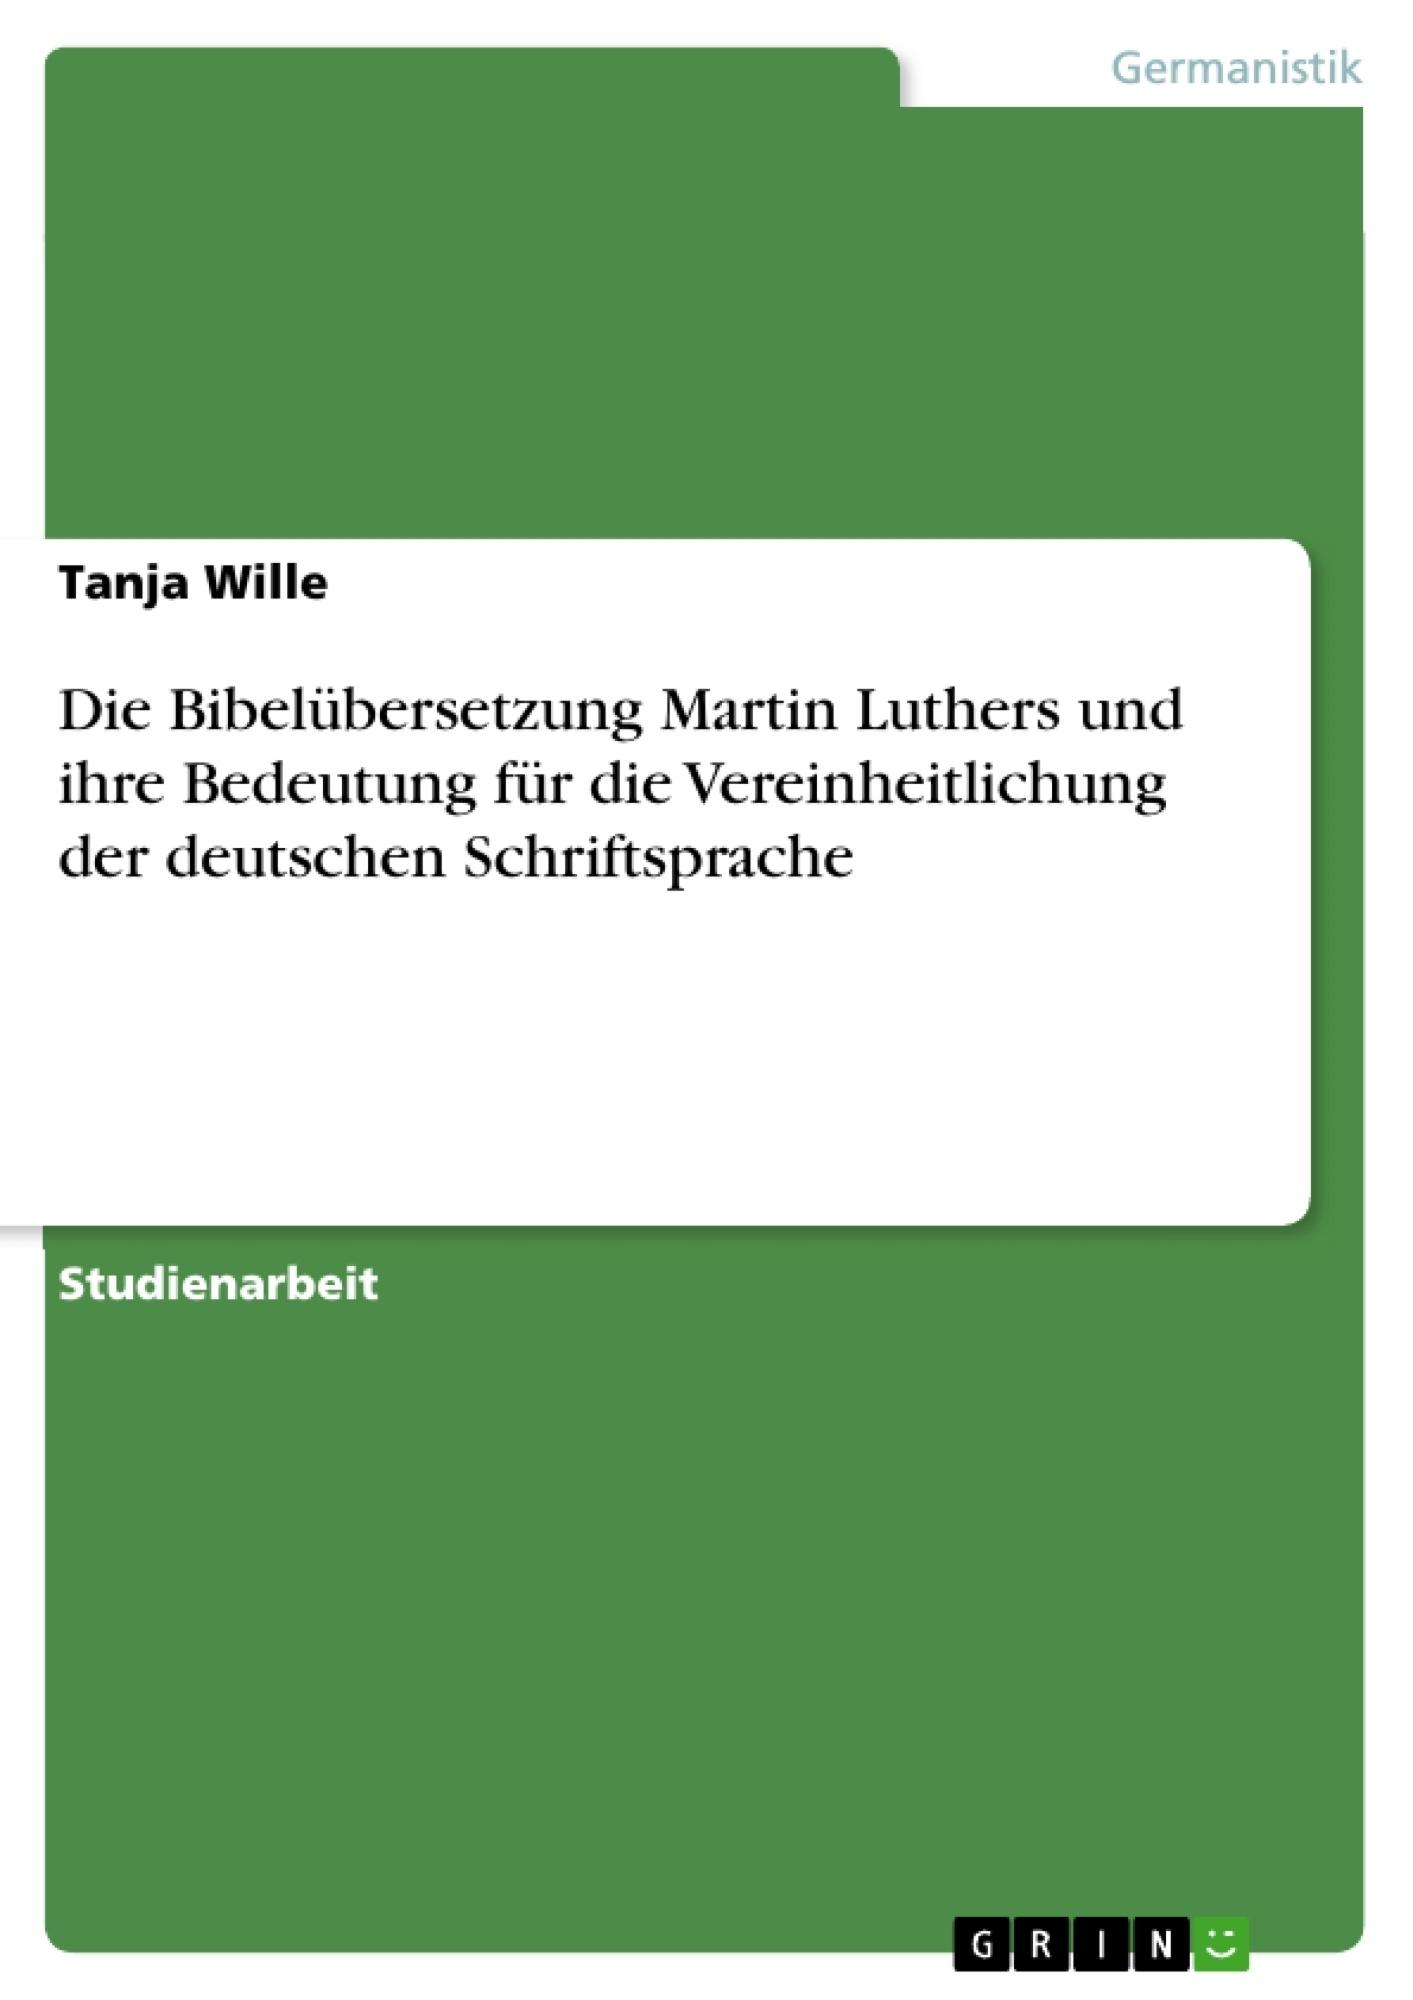 Titel: Die Bibelübersetzung Martin Luthers und ihre Bedeutung für die Vereinheitlichung der deutschen Schriftsprache